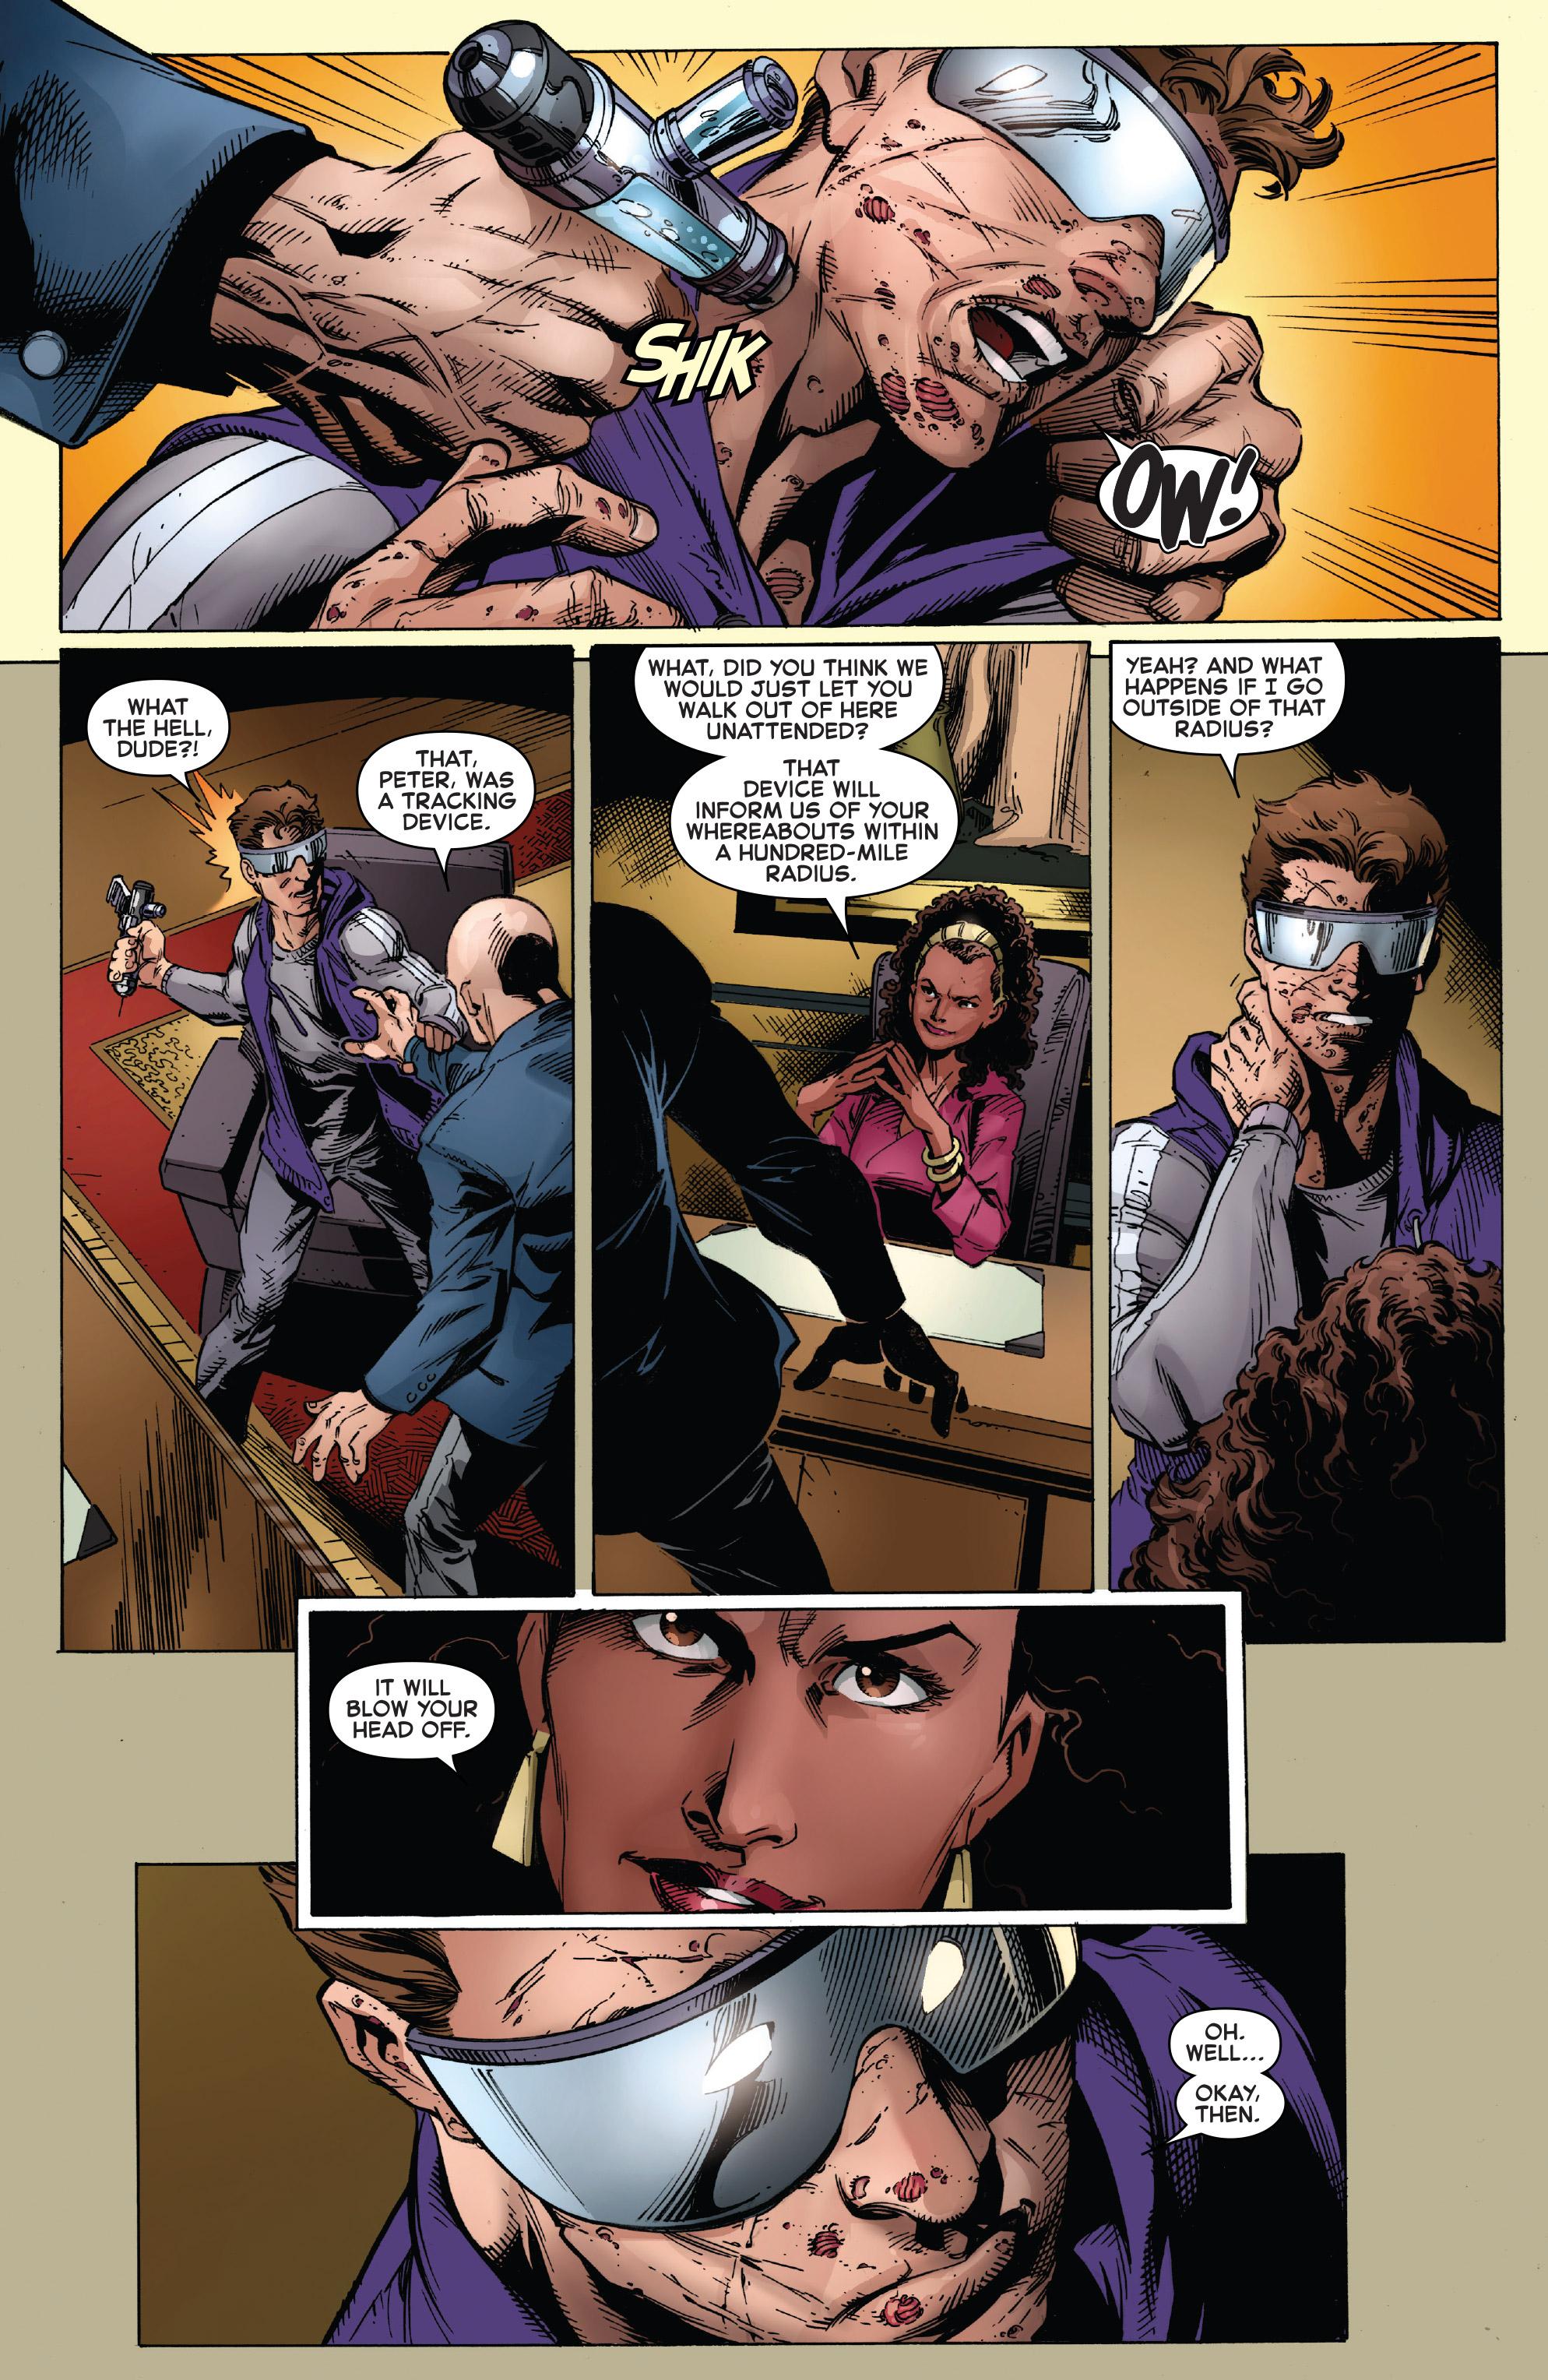 Read online Ben Reilly: Scarlet Spider comic -  Issue #3 - 8